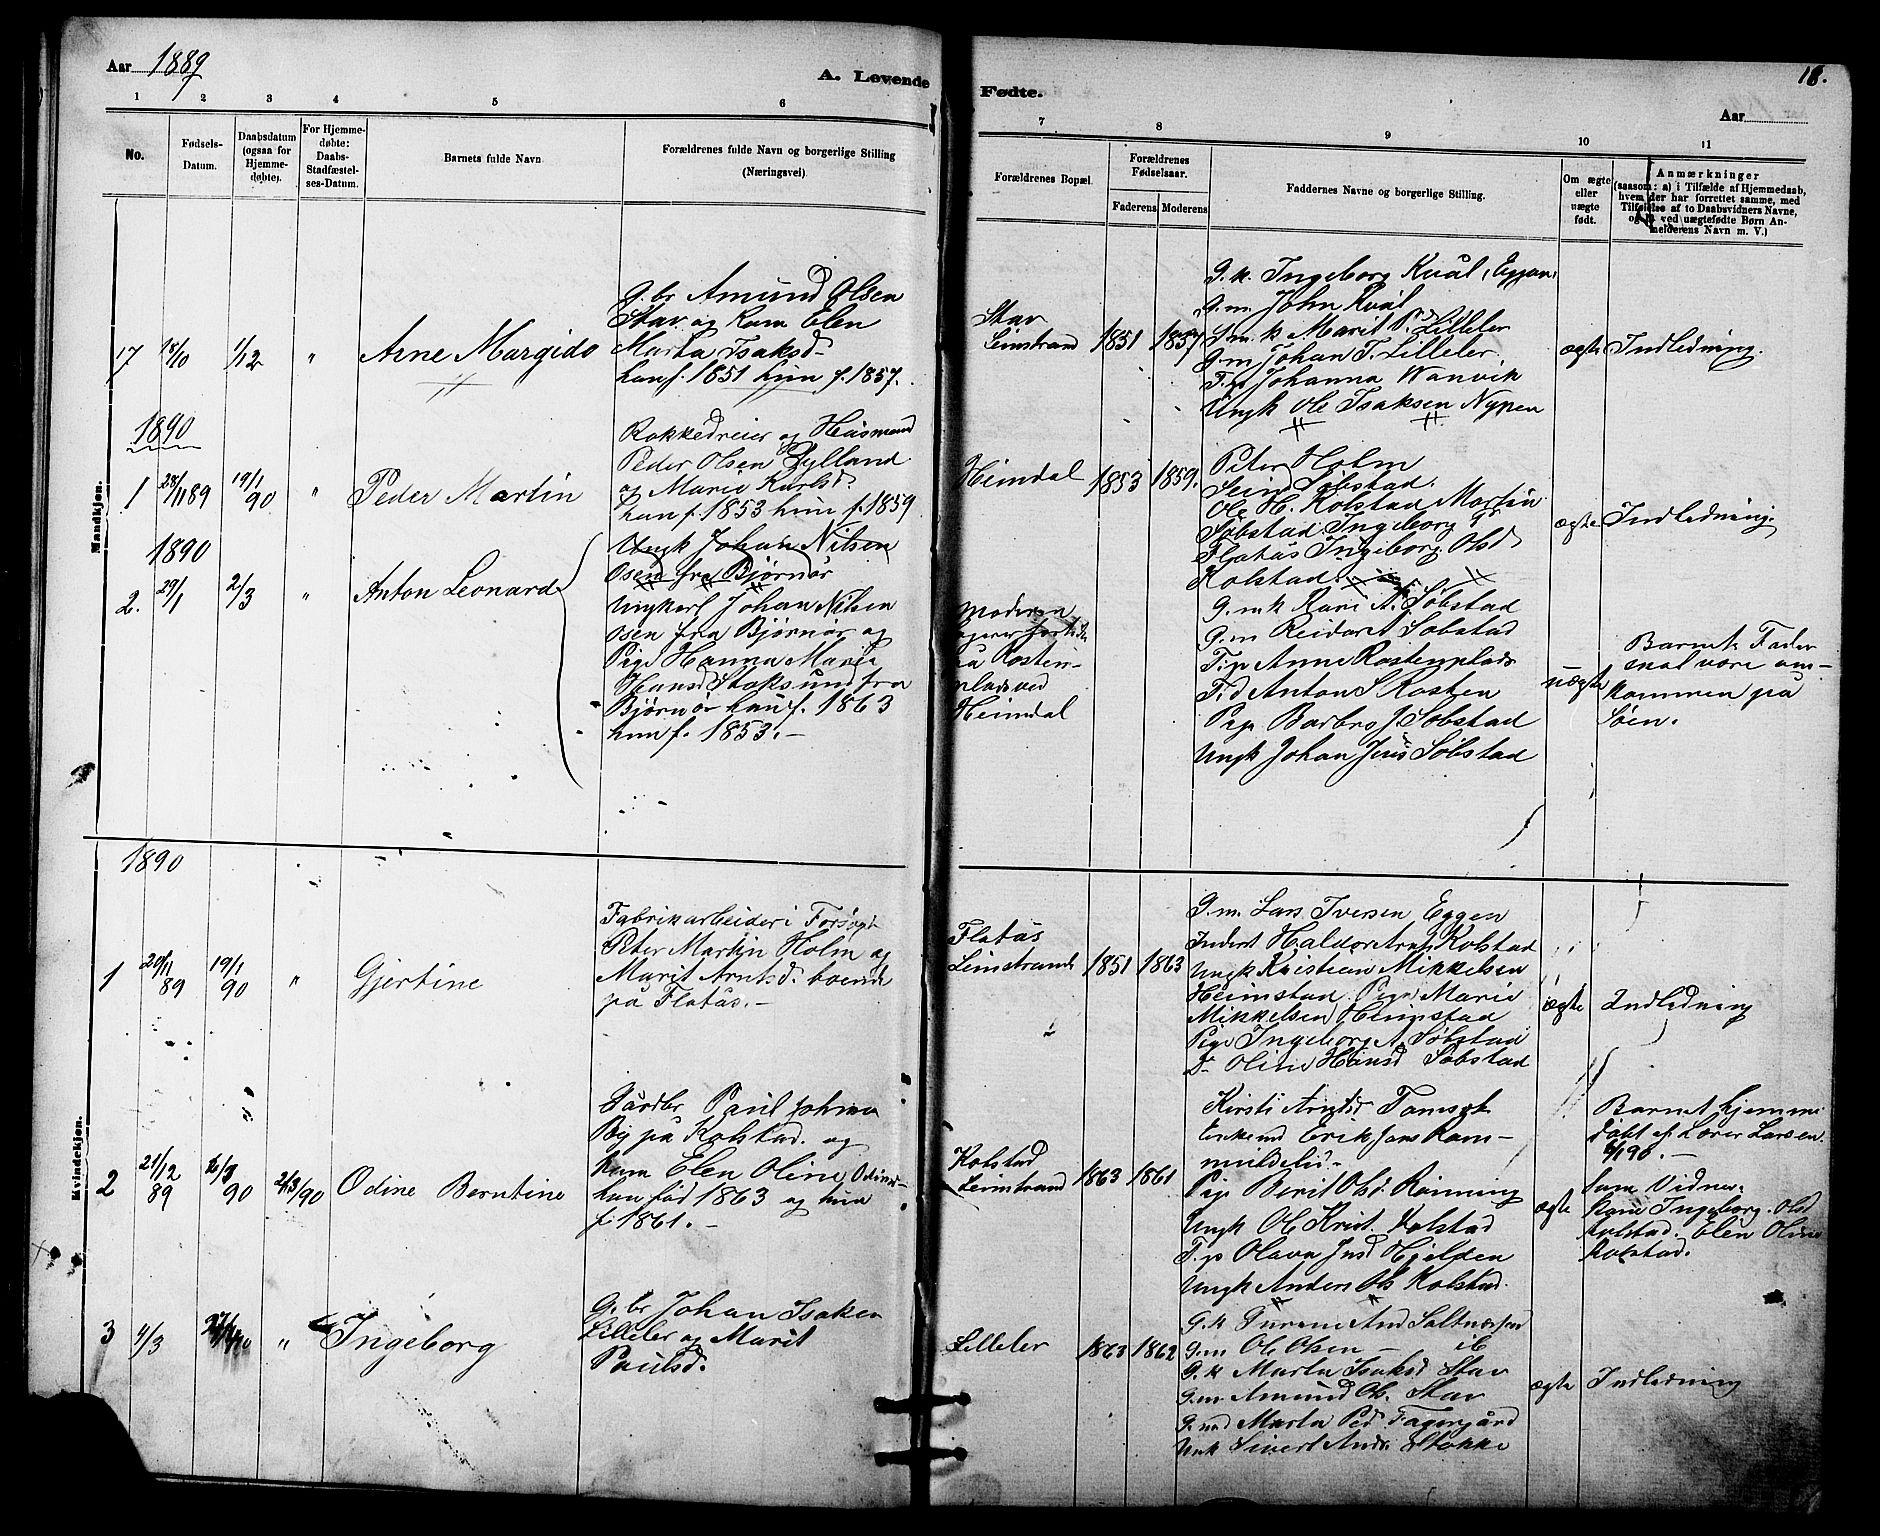 SAT, Ministerialprotokoller, klokkerbøker og fødselsregistre - Sør-Trøndelag, 613/L0395: Klokkerbok nr. 613C03, 1887-1909, s. 18